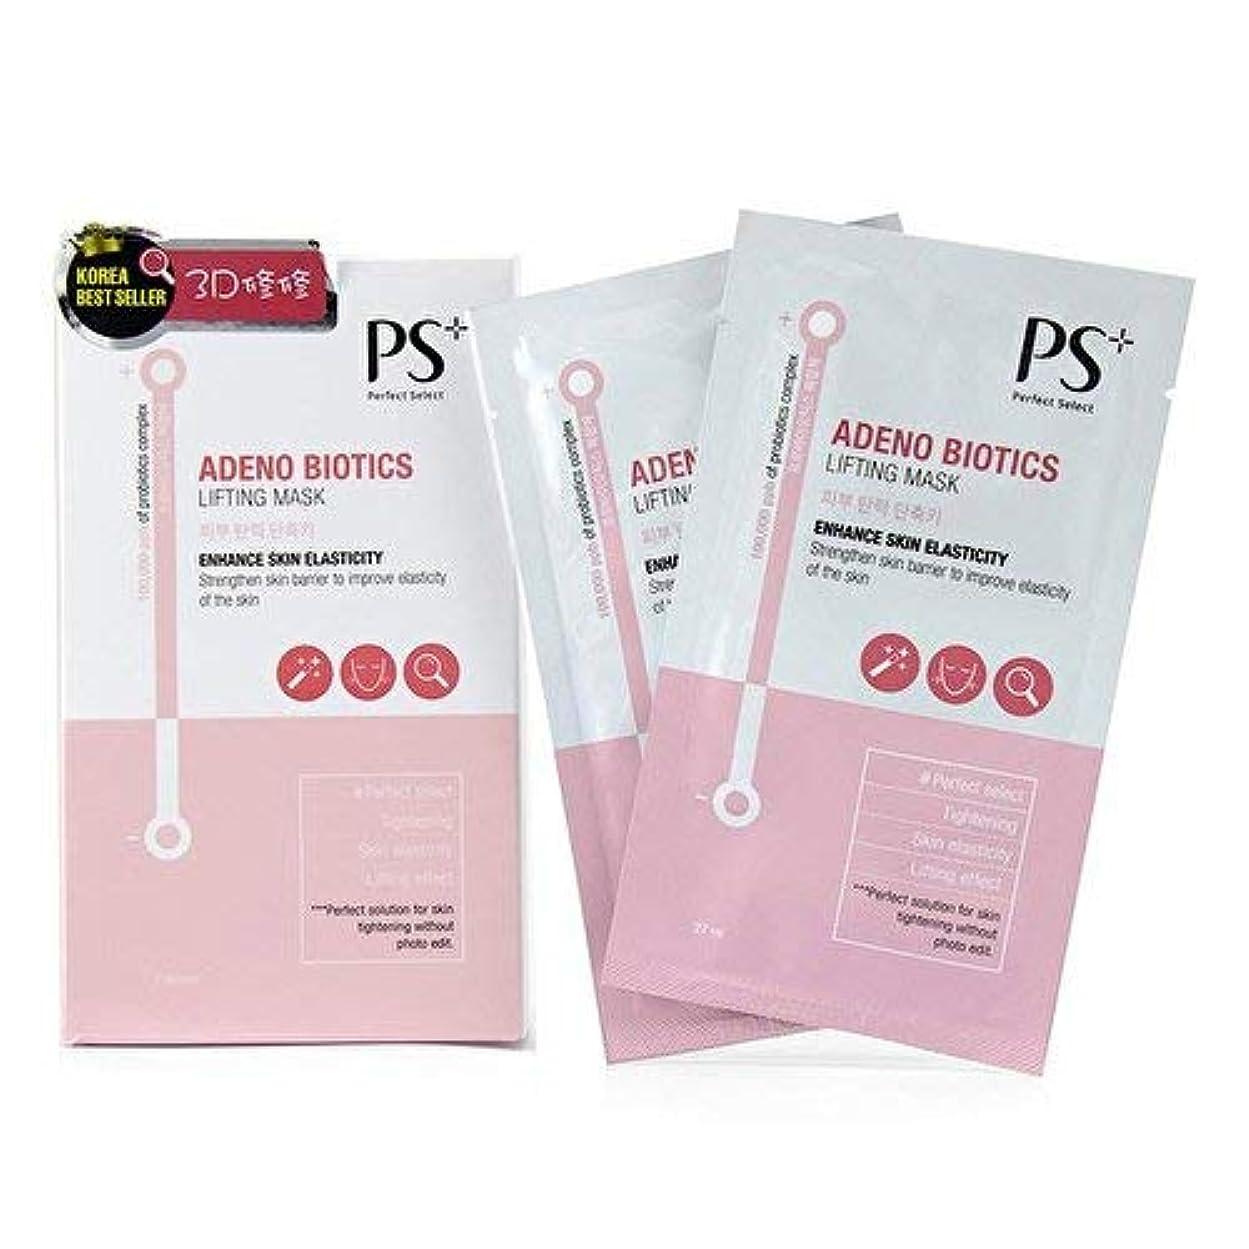 入口並外れた危機PS Perfect Select Adeno Biotics Lifting Mask - Enhance Skin Elasticity 7pcs並行輸入品